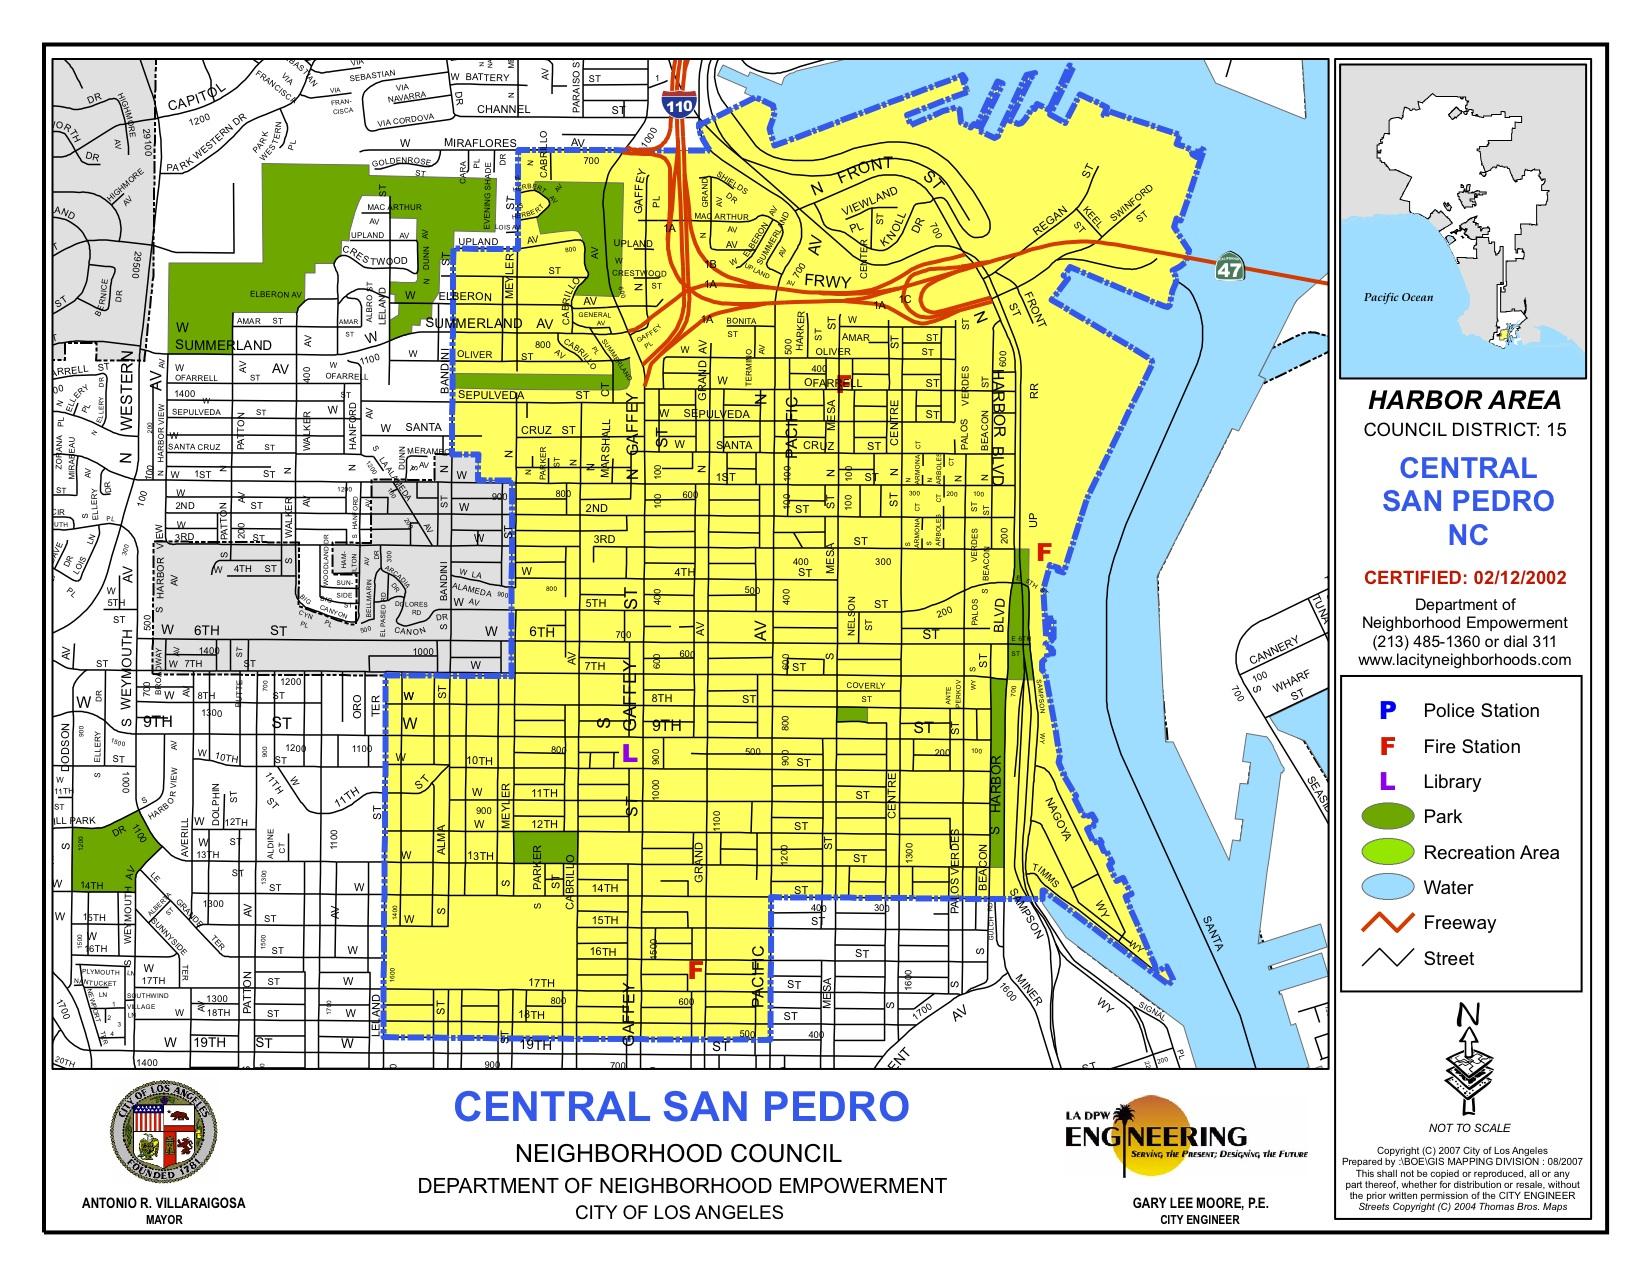 CentralSanPedroNC-map